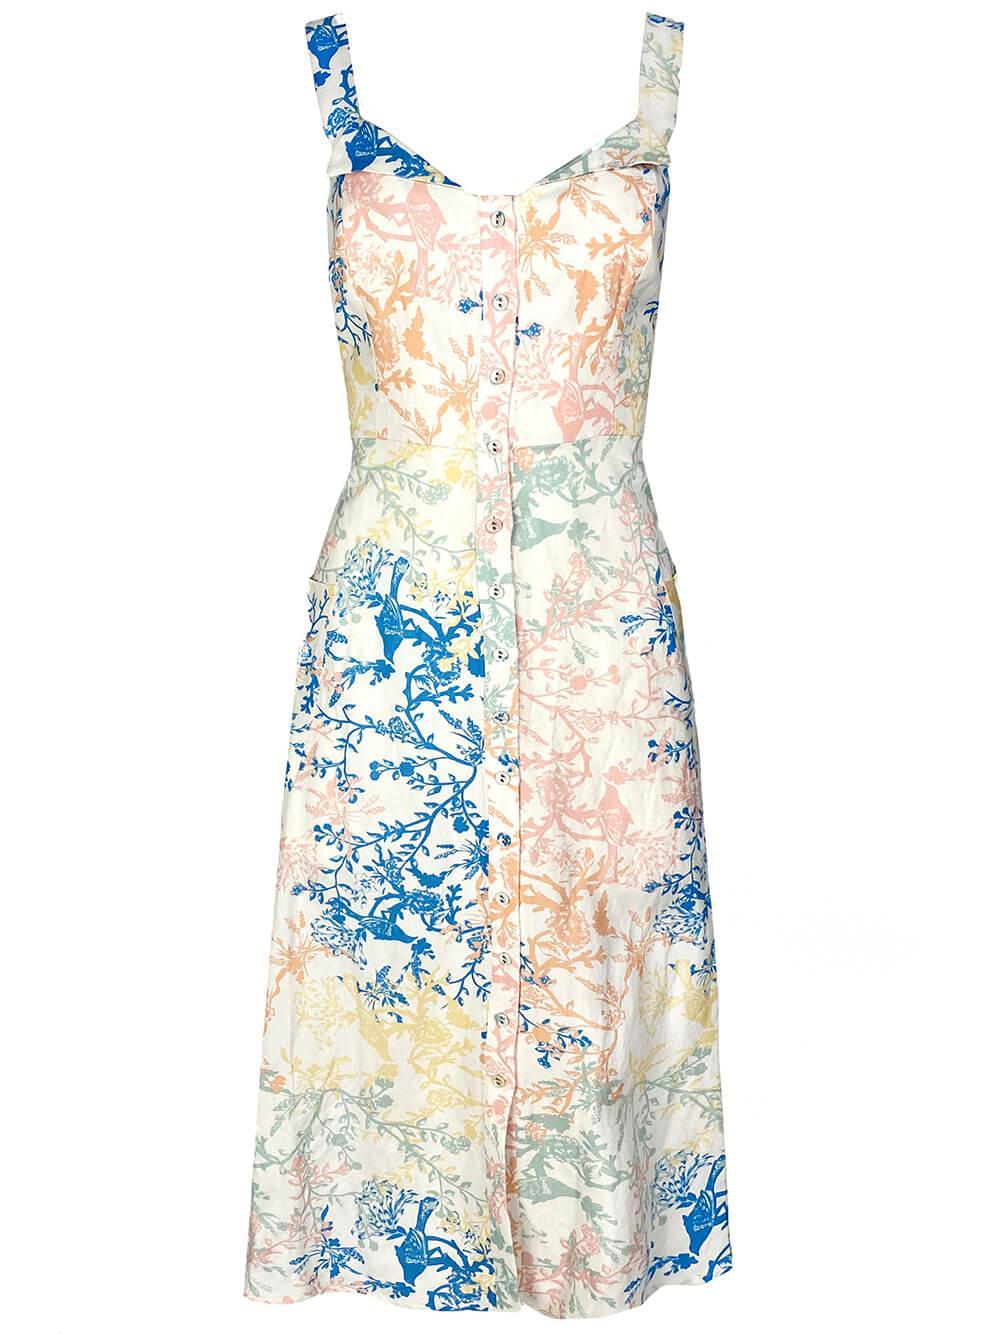 Anderson Flower Print Midi Dress Item # 20SPD11